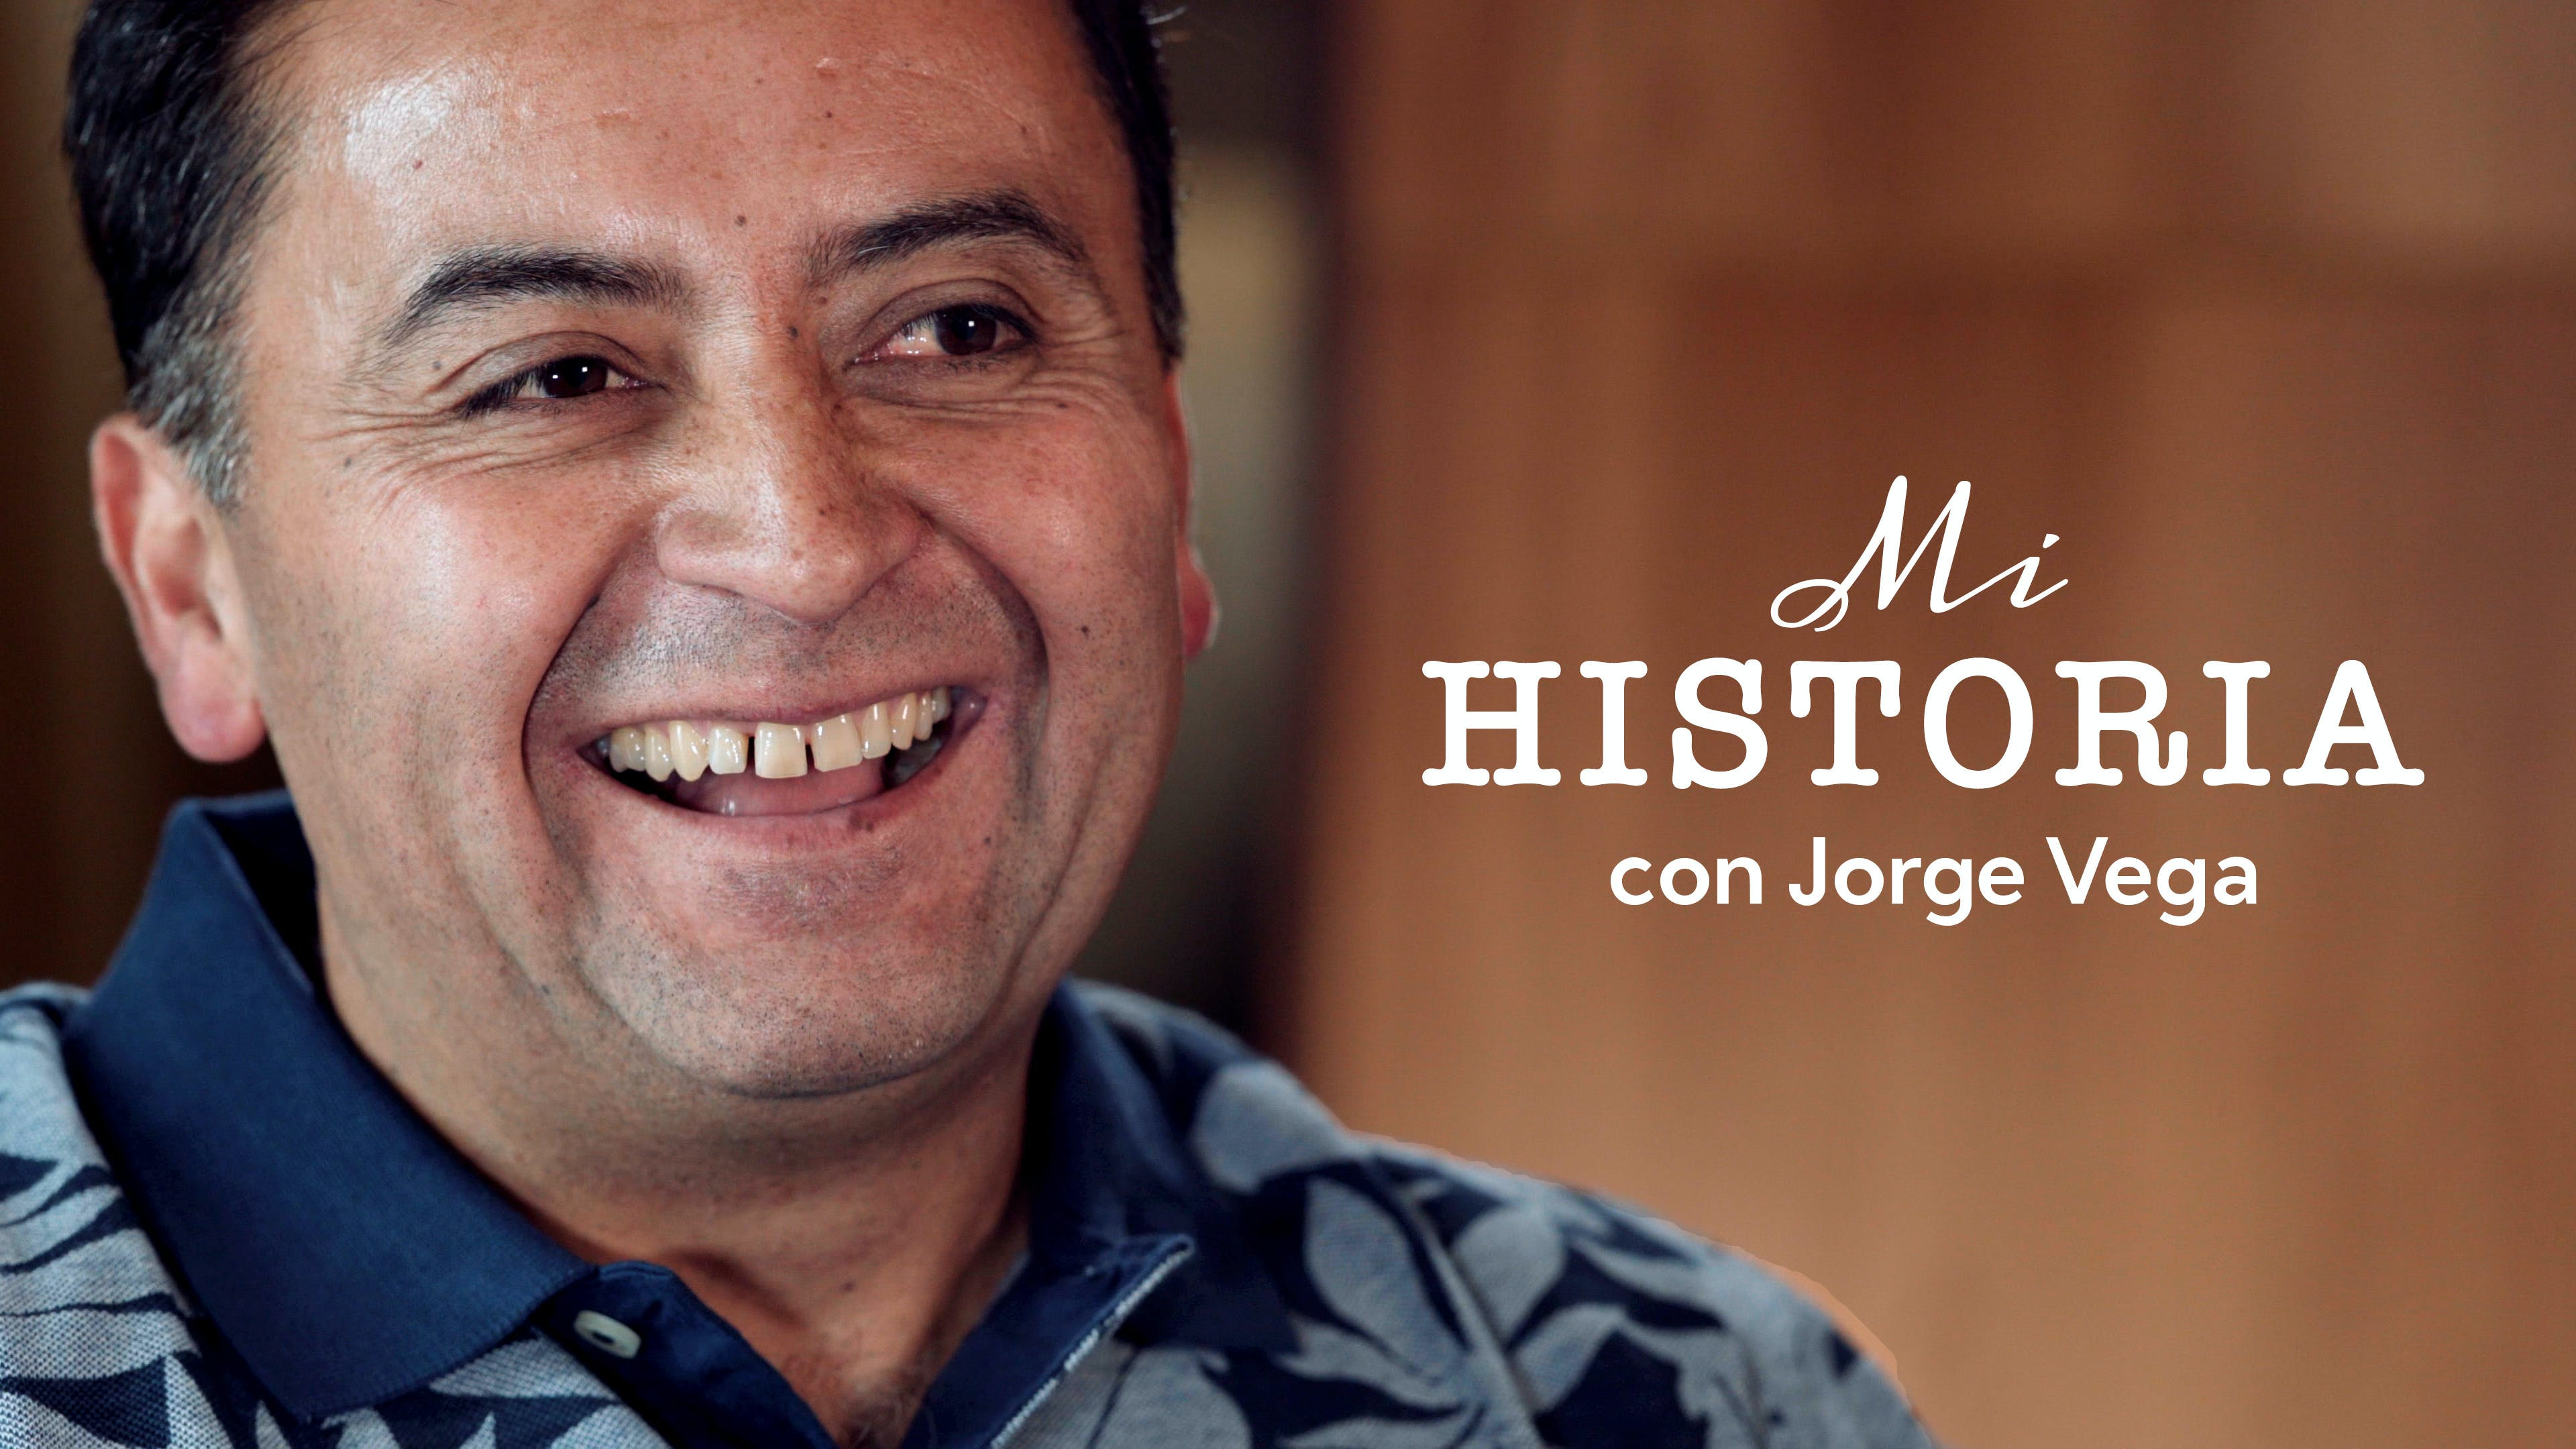 Mi historia de éxito, con Jorge Vega